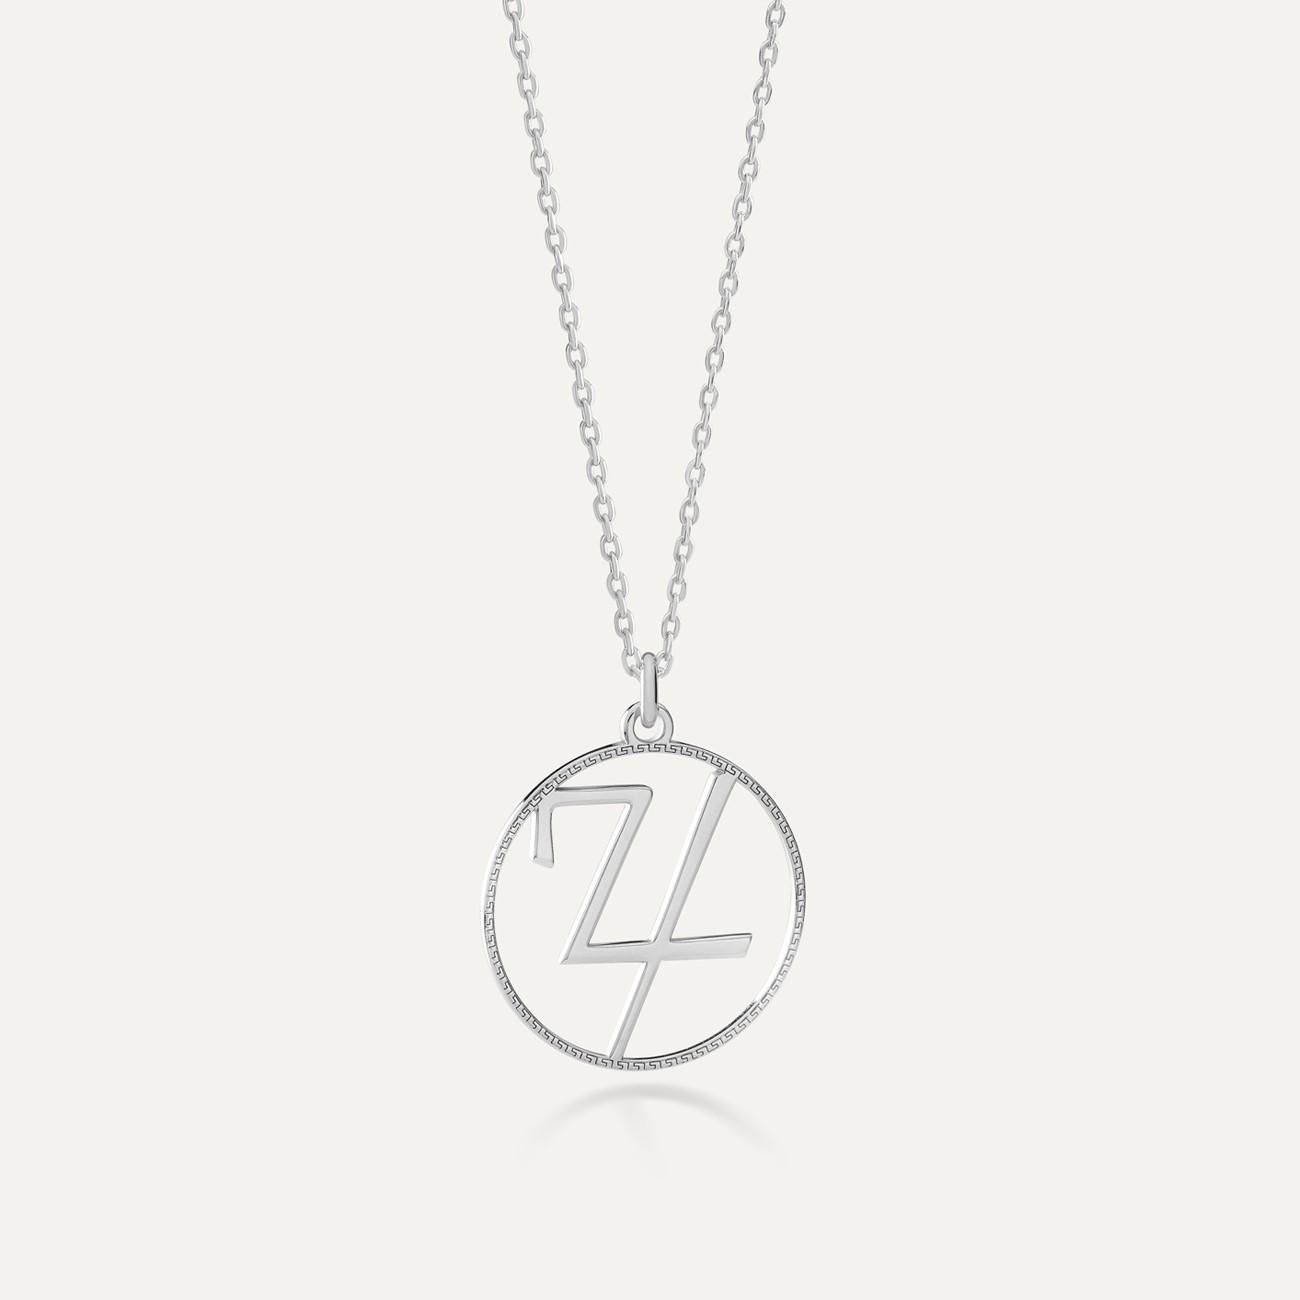 Necklace - Zeus, Silver 925 MON DÉFI